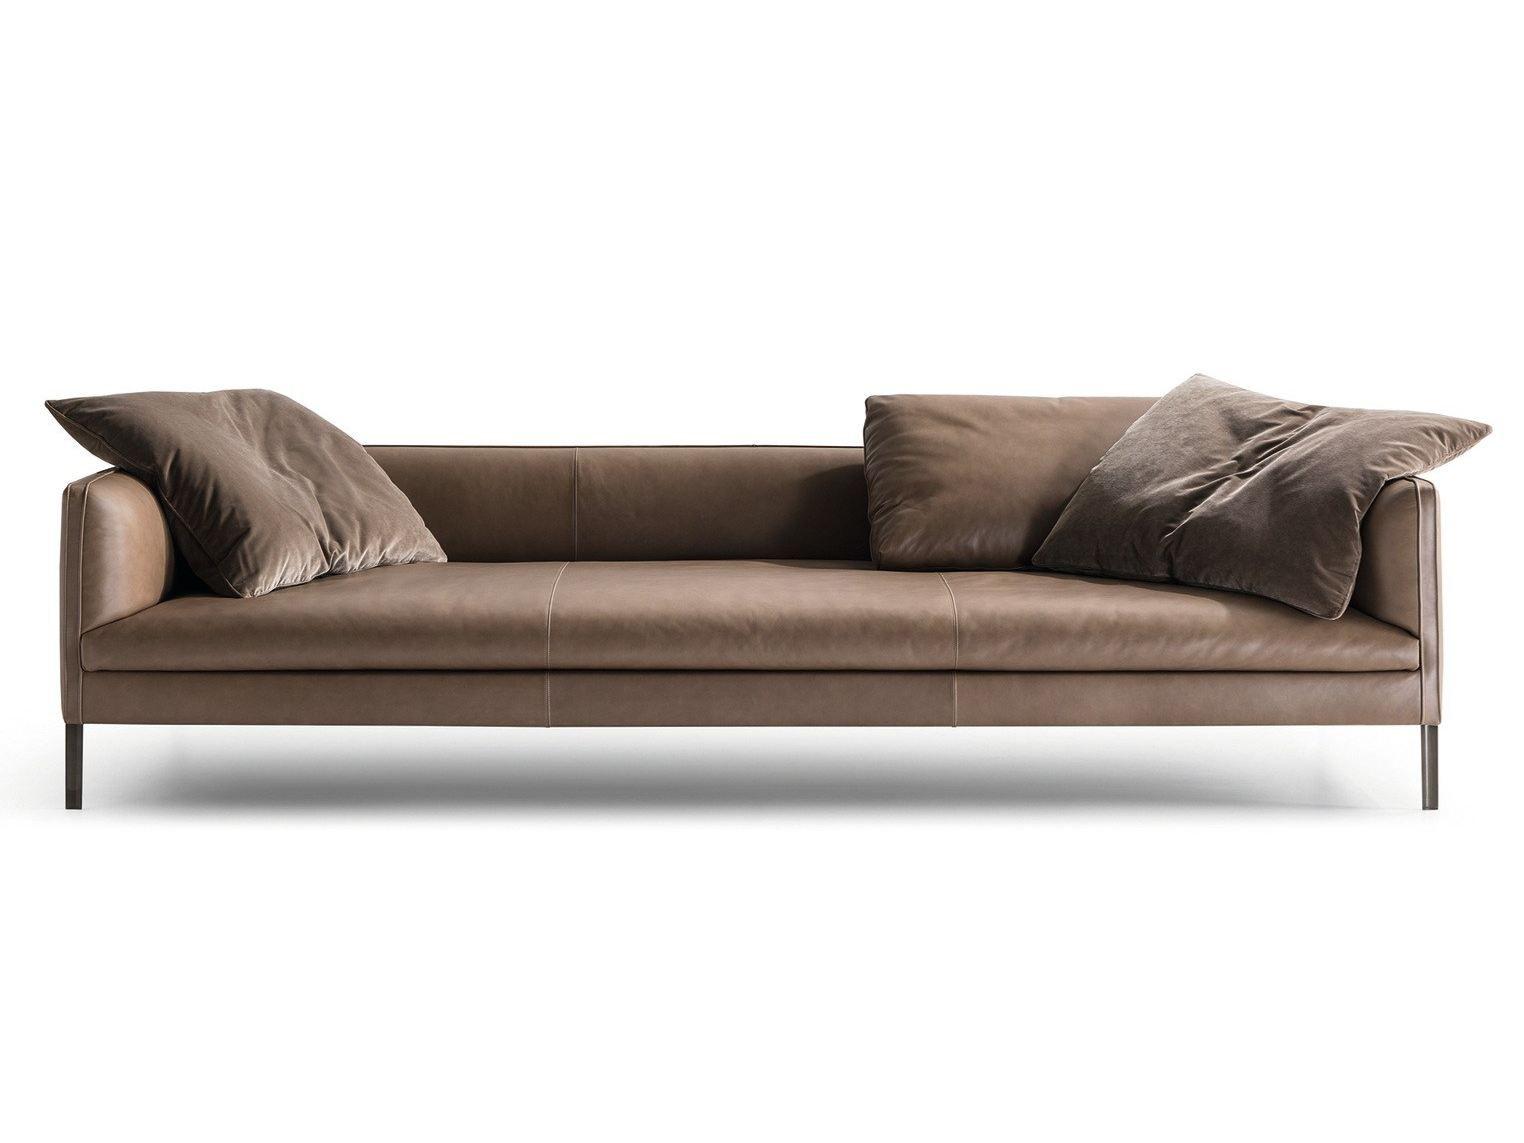 3 Seater Leather Sofa PAUL | Sofa   MOLTENI U0026 C.